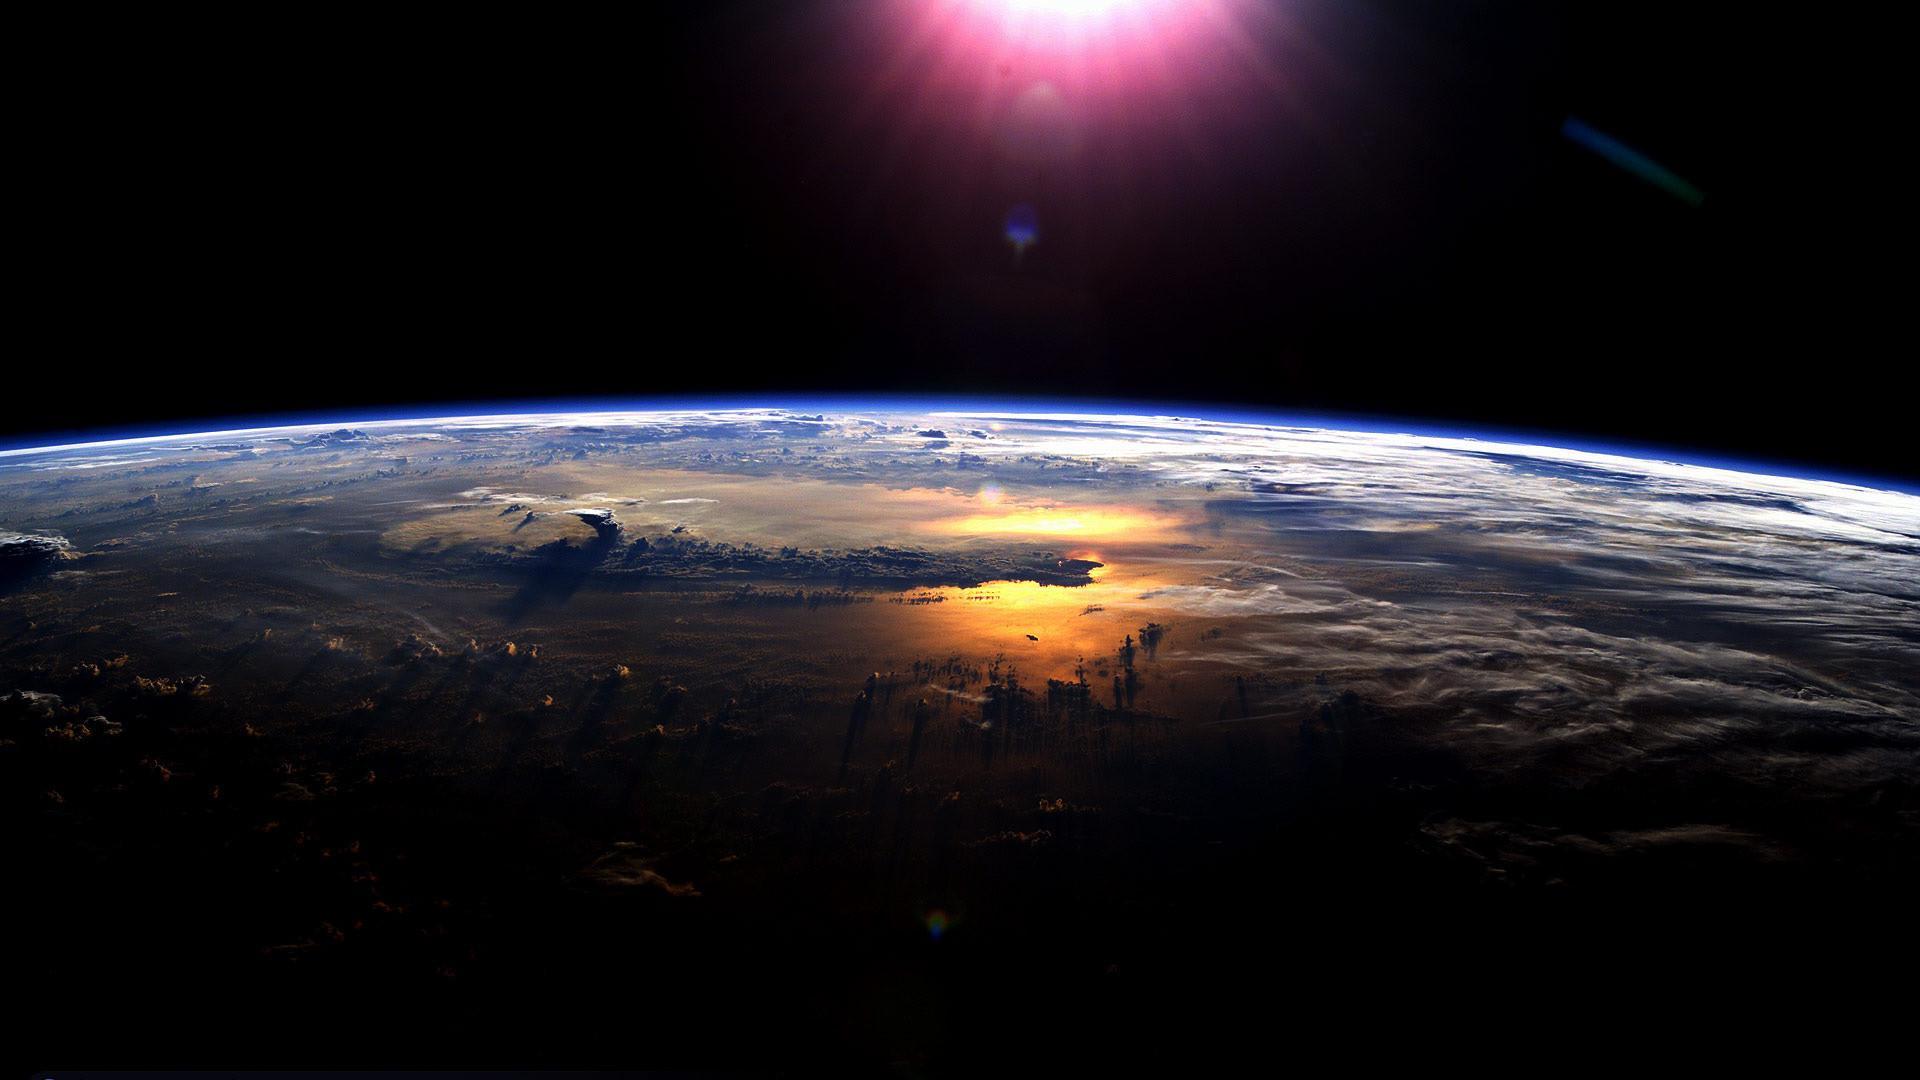 Earth HD Wallpaper · Earth HD